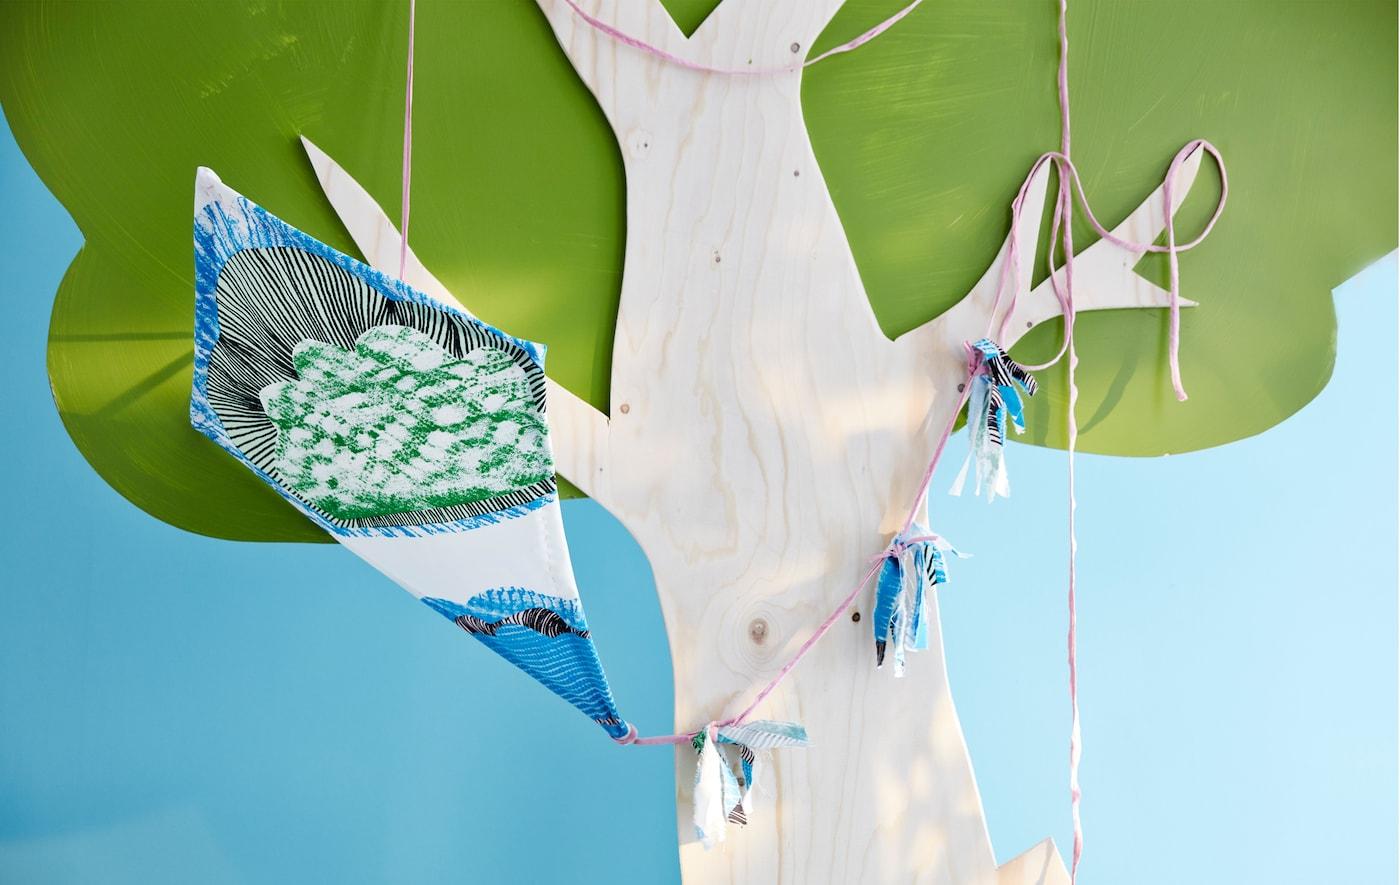 Selbst gebastelter blau, weiß & grüner Drachen in einem Baum.